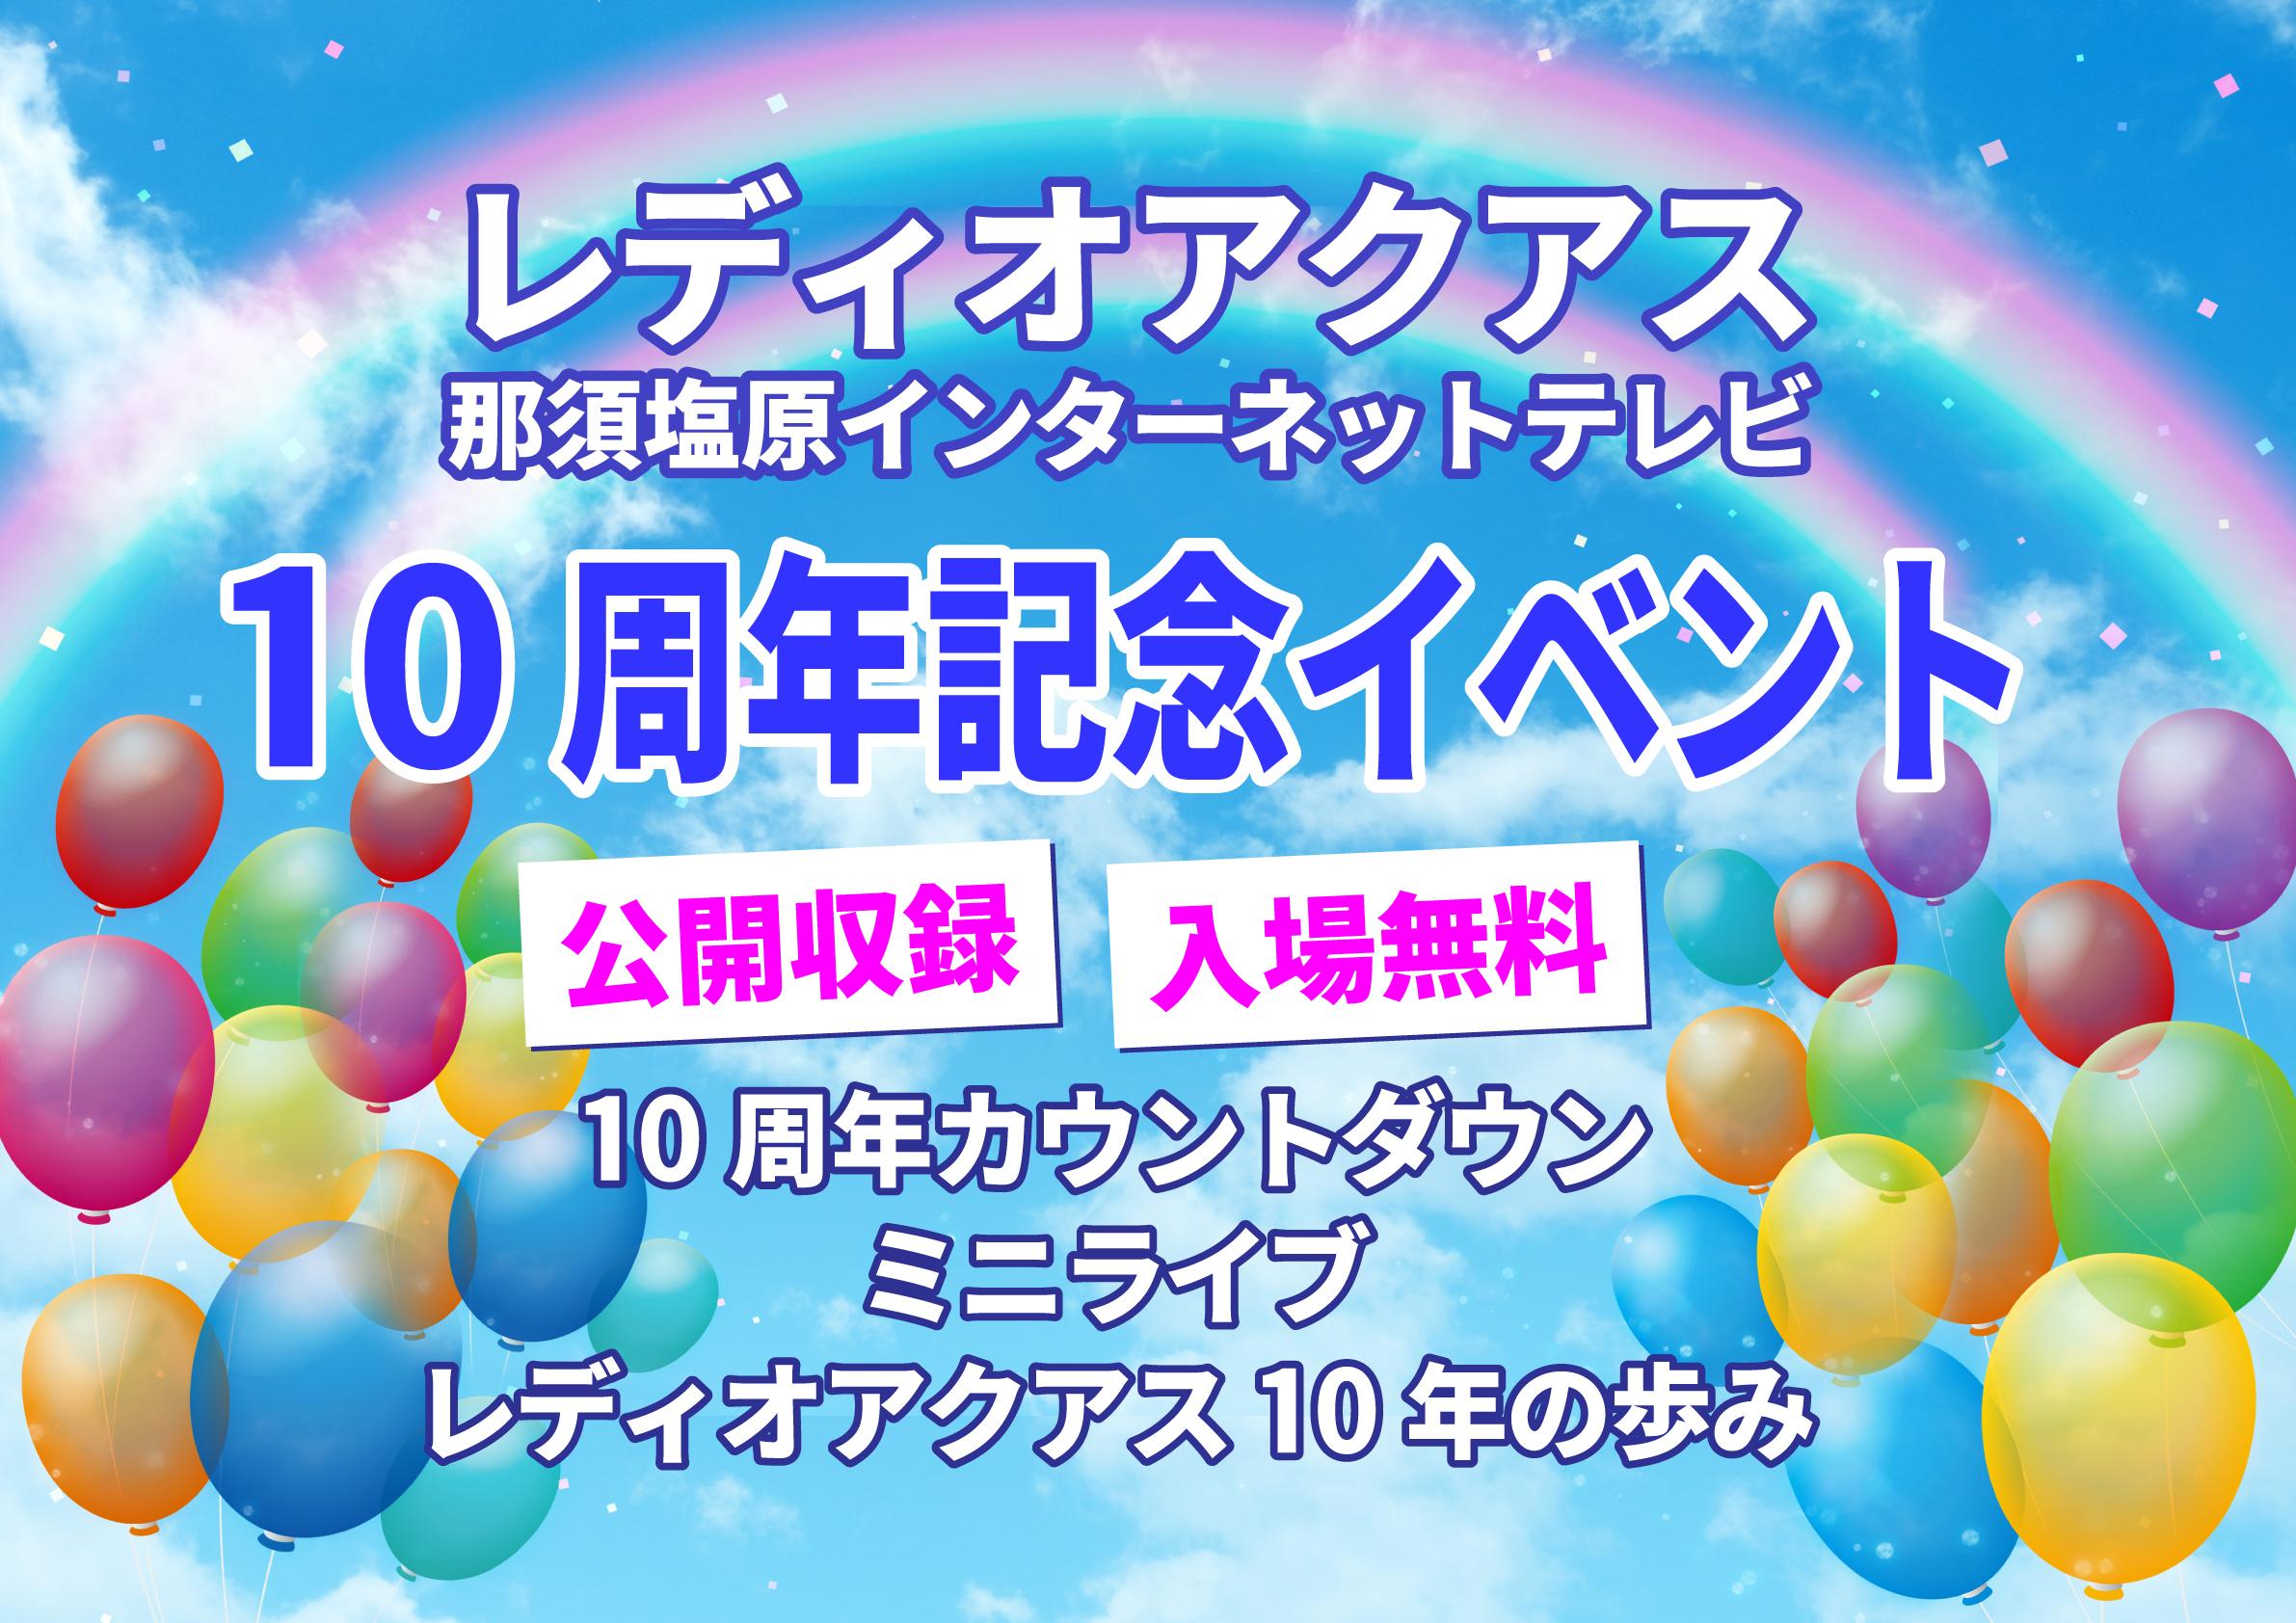 レディオアクアス10周年記念イベント